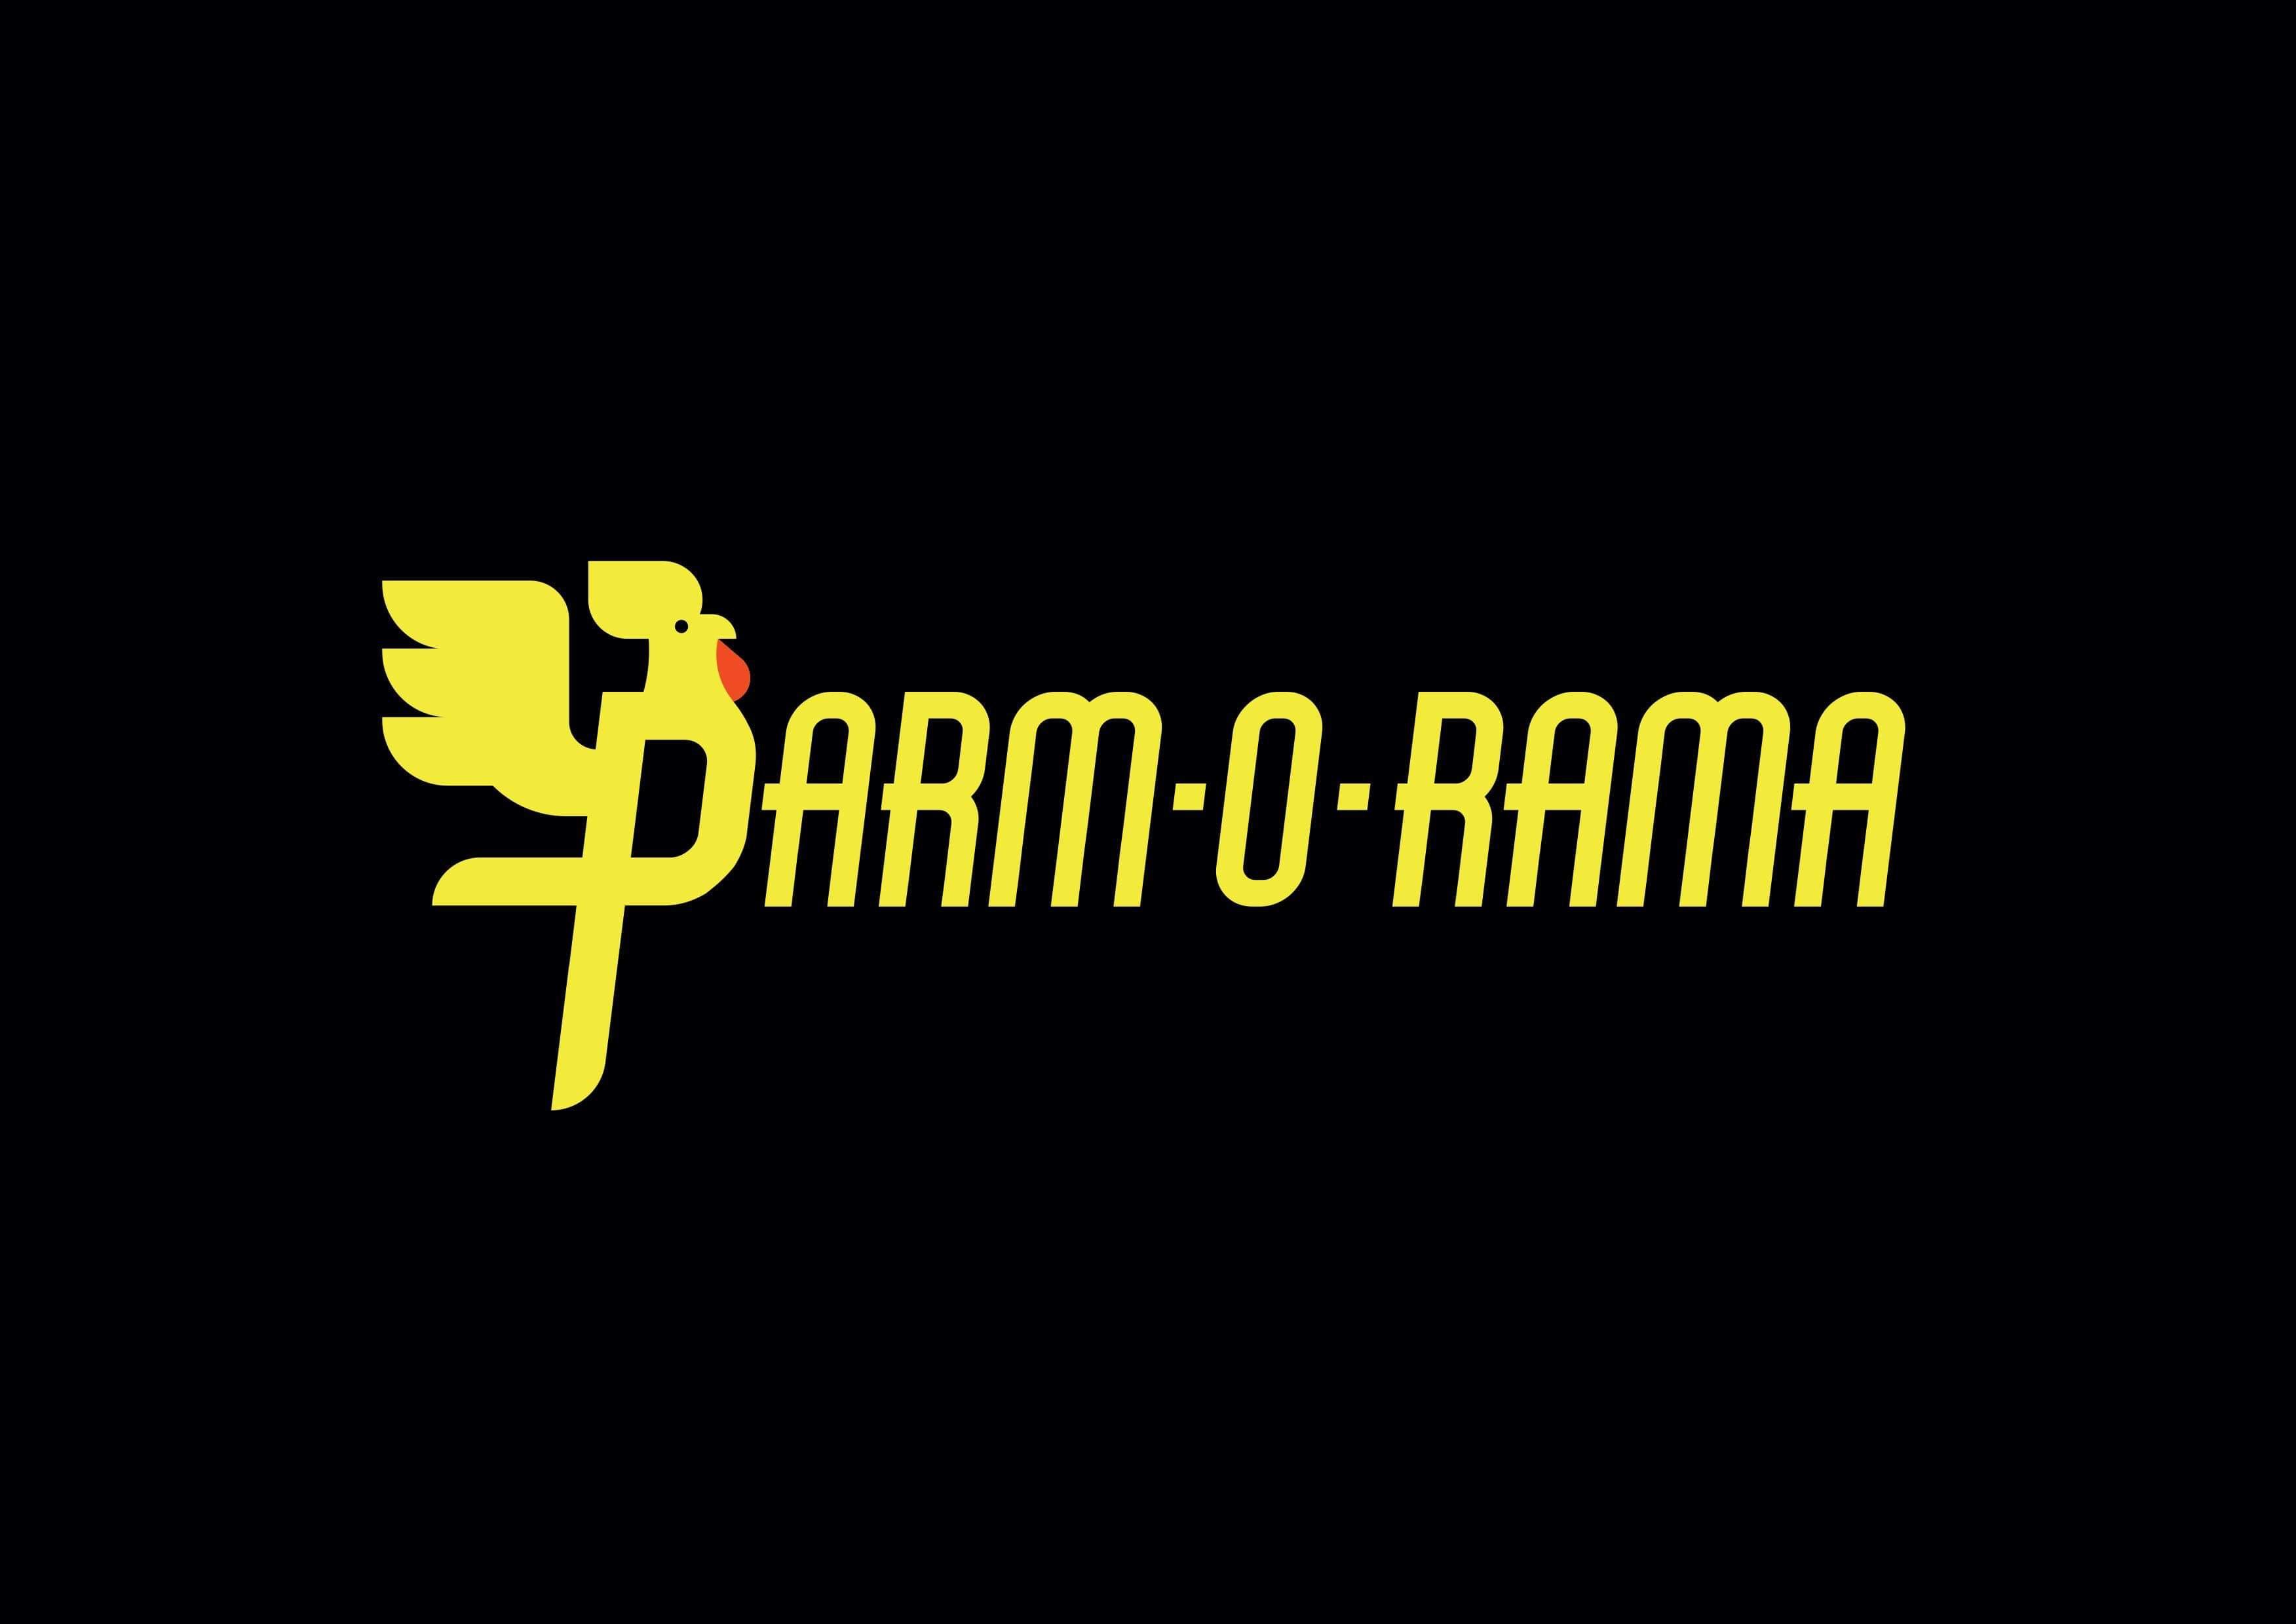 Parm-O-Rama Image